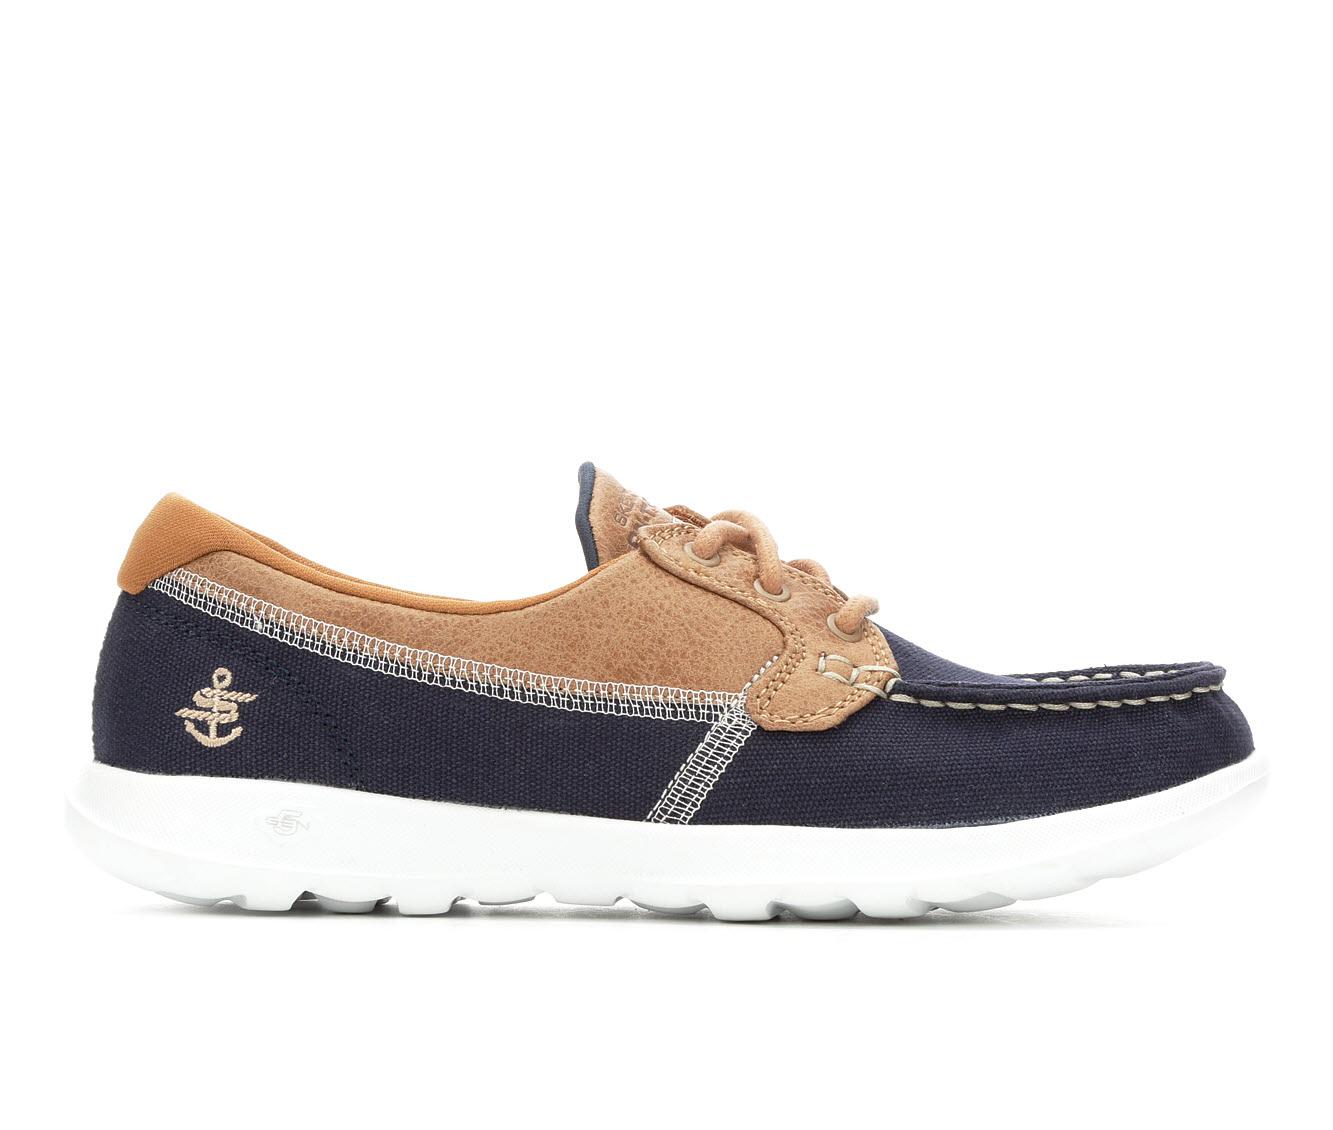 Skechers Go Lite Coral 15430 Women's Shoe (Blue Canvas)